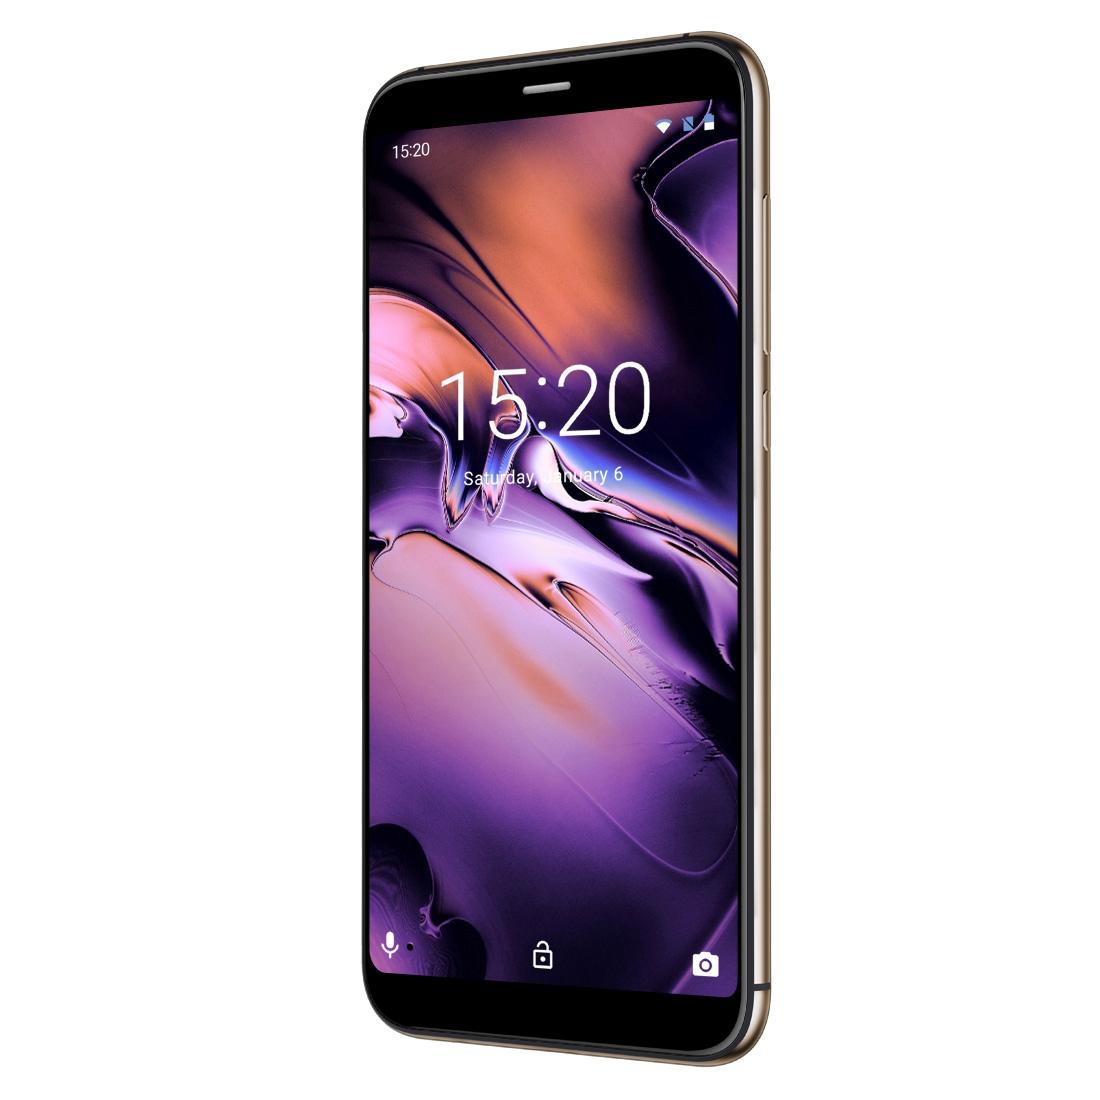 Смартфон UMIDIGI A3 Две СИМ в 4G 2GB+16GB Двойная задняя камера Идентификация по отпечатку пальца и лицу